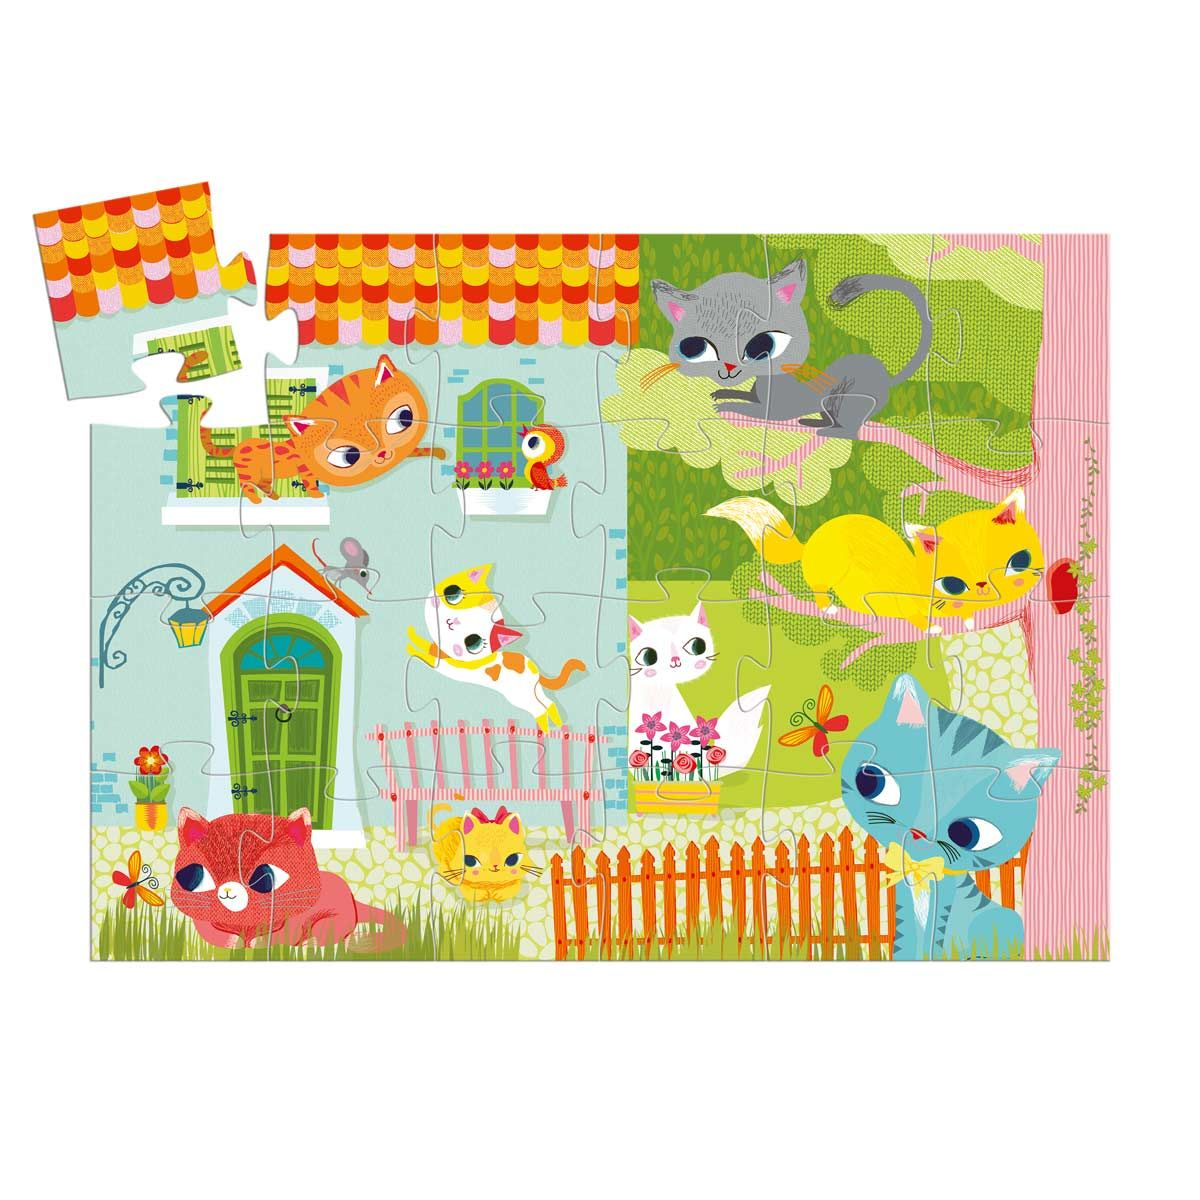 Puzzle Pachat Et Ses Amis 24 Pièces Djeco | Patchwork Papier à Jeux En Ligne Enfant 3 Ans